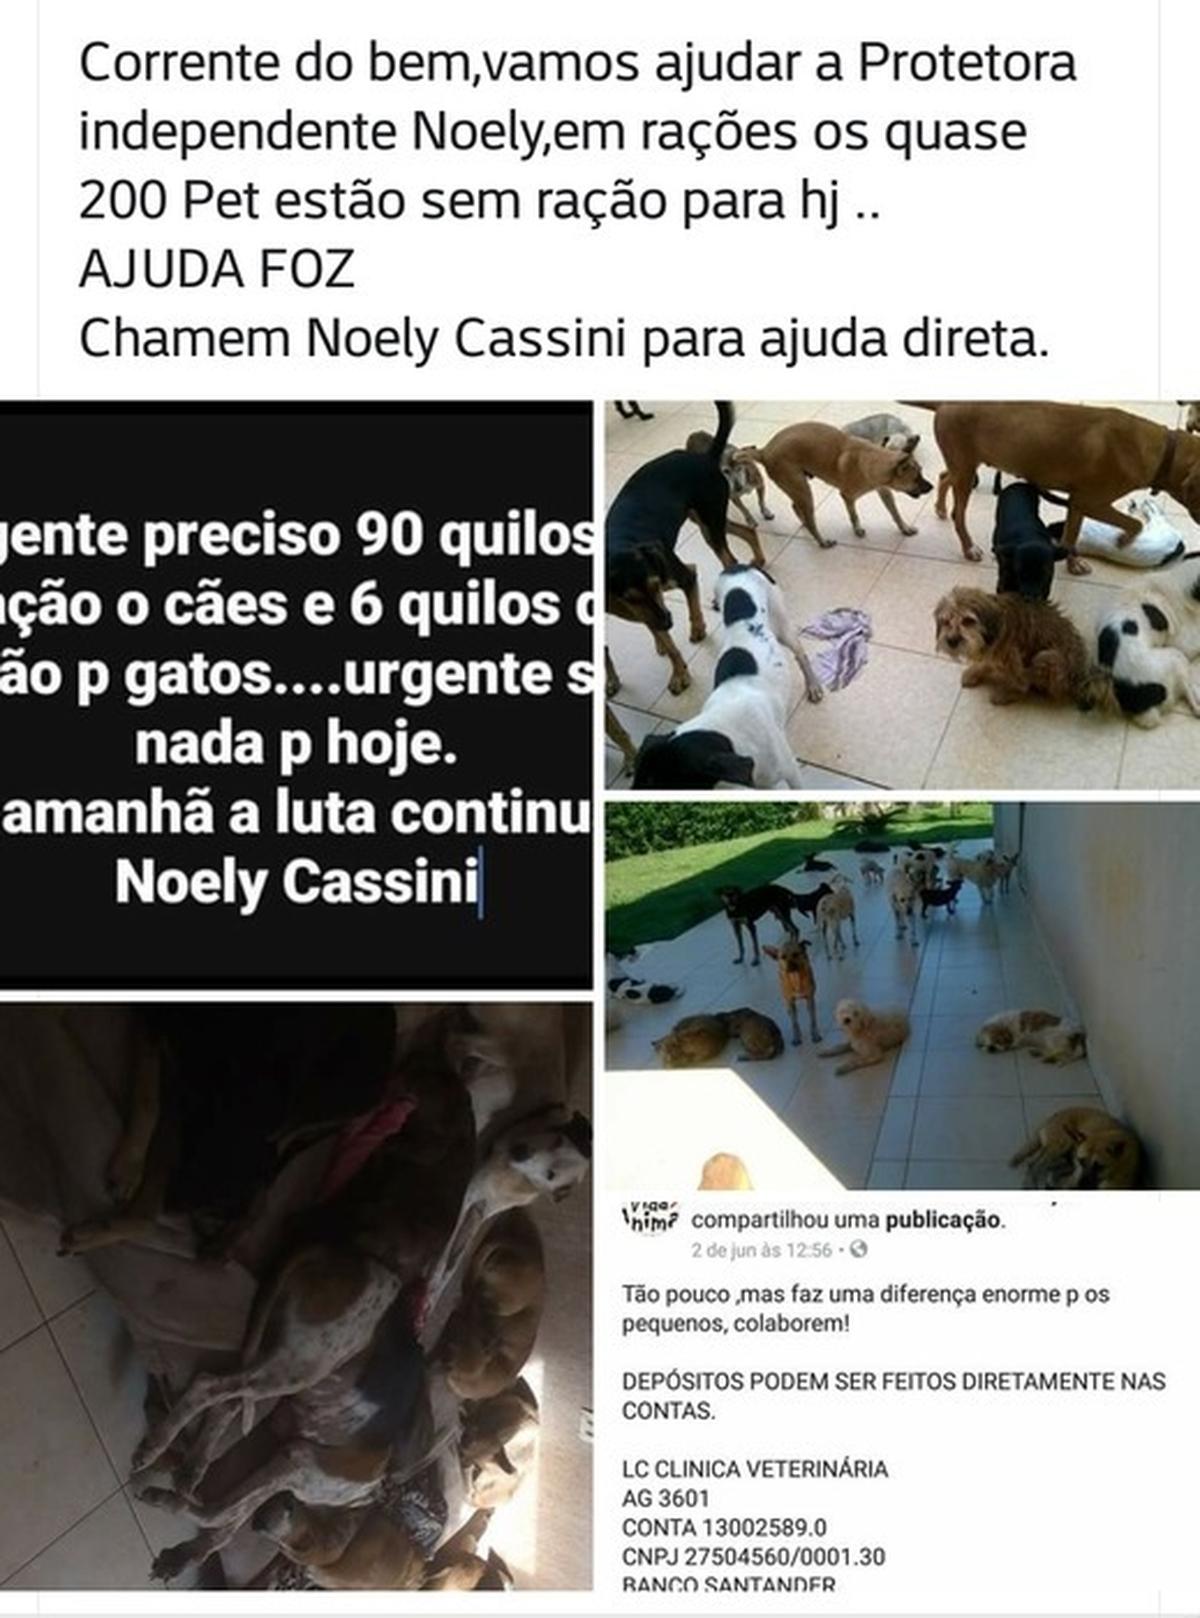 Ração para ONG VIDA ANIMAL FOZ DO IGUAÇU